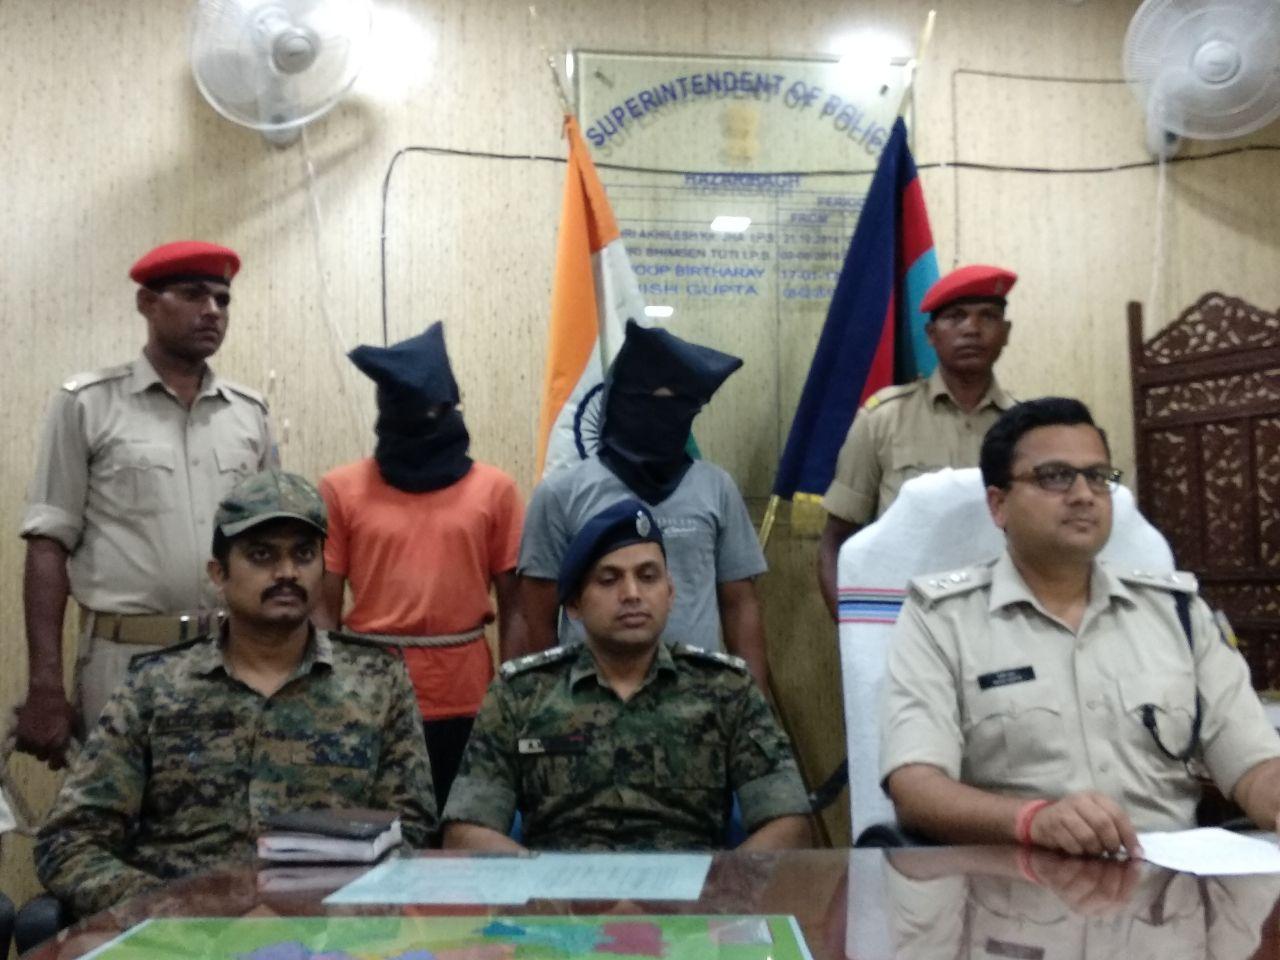 <p>हज़ारीबाग पुलिस व CRPF के संयुक्त अभियान में को गुप्त सूचना के आधार पर JPC नक्सली संगठन के सुप्रीमो दसरथ यादव सहित एक सक्रिय सदस्य रवि कुमार को गिरफ्तार किया था । इनके पास के एक&#8230;